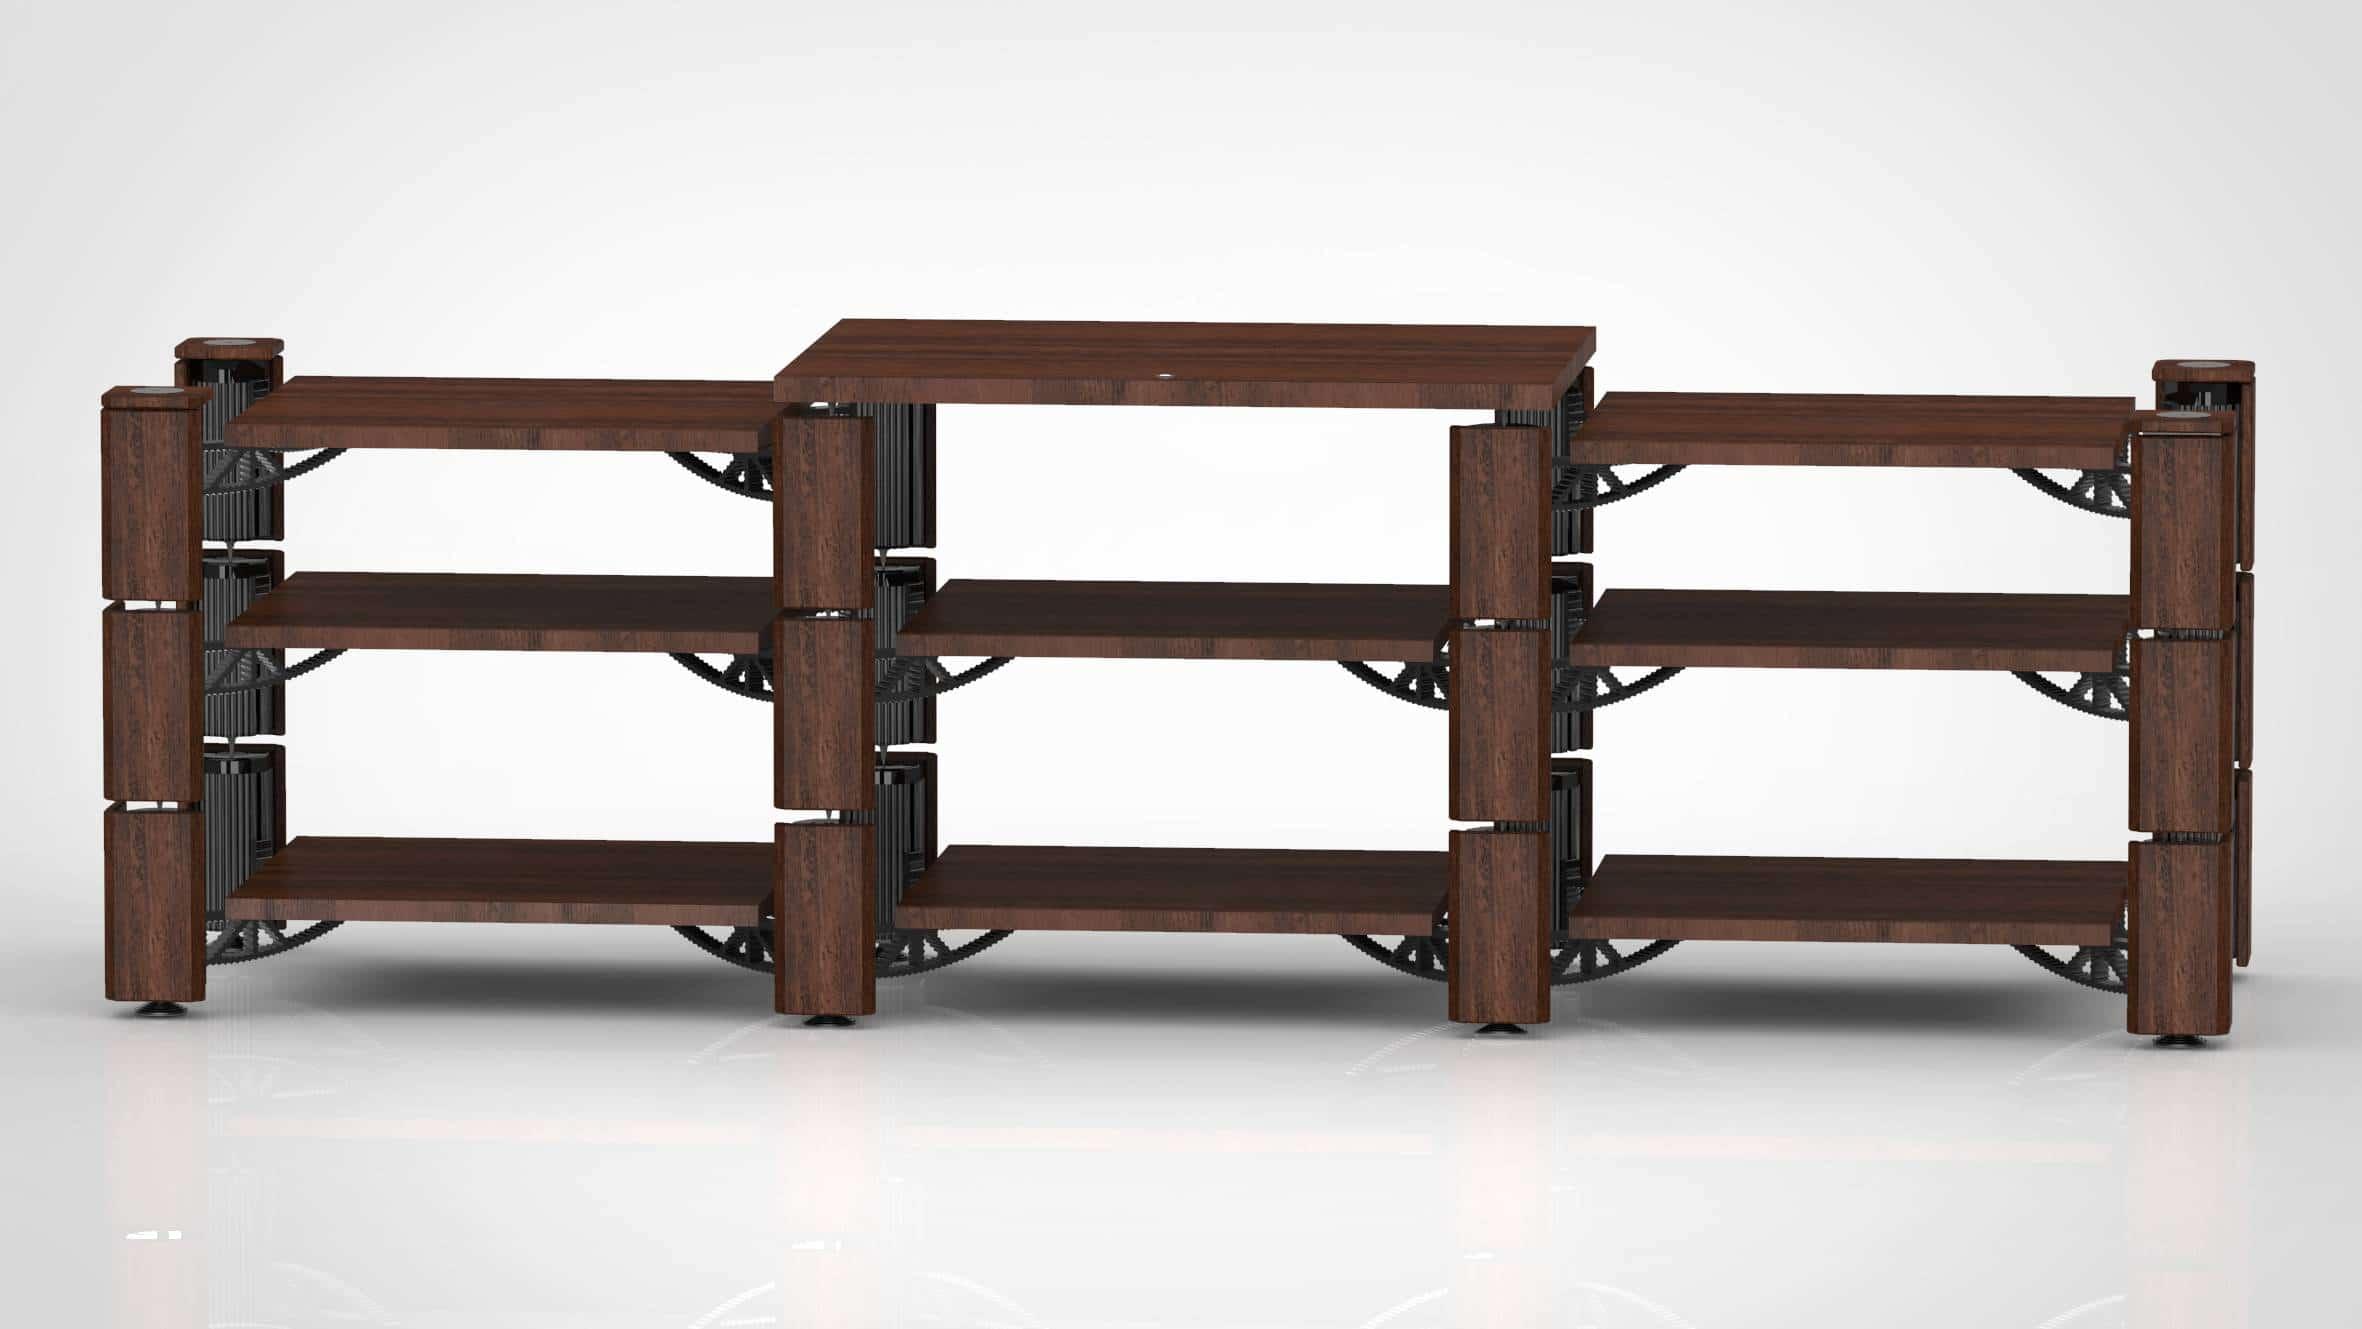 8 shelf-kit configuration Image